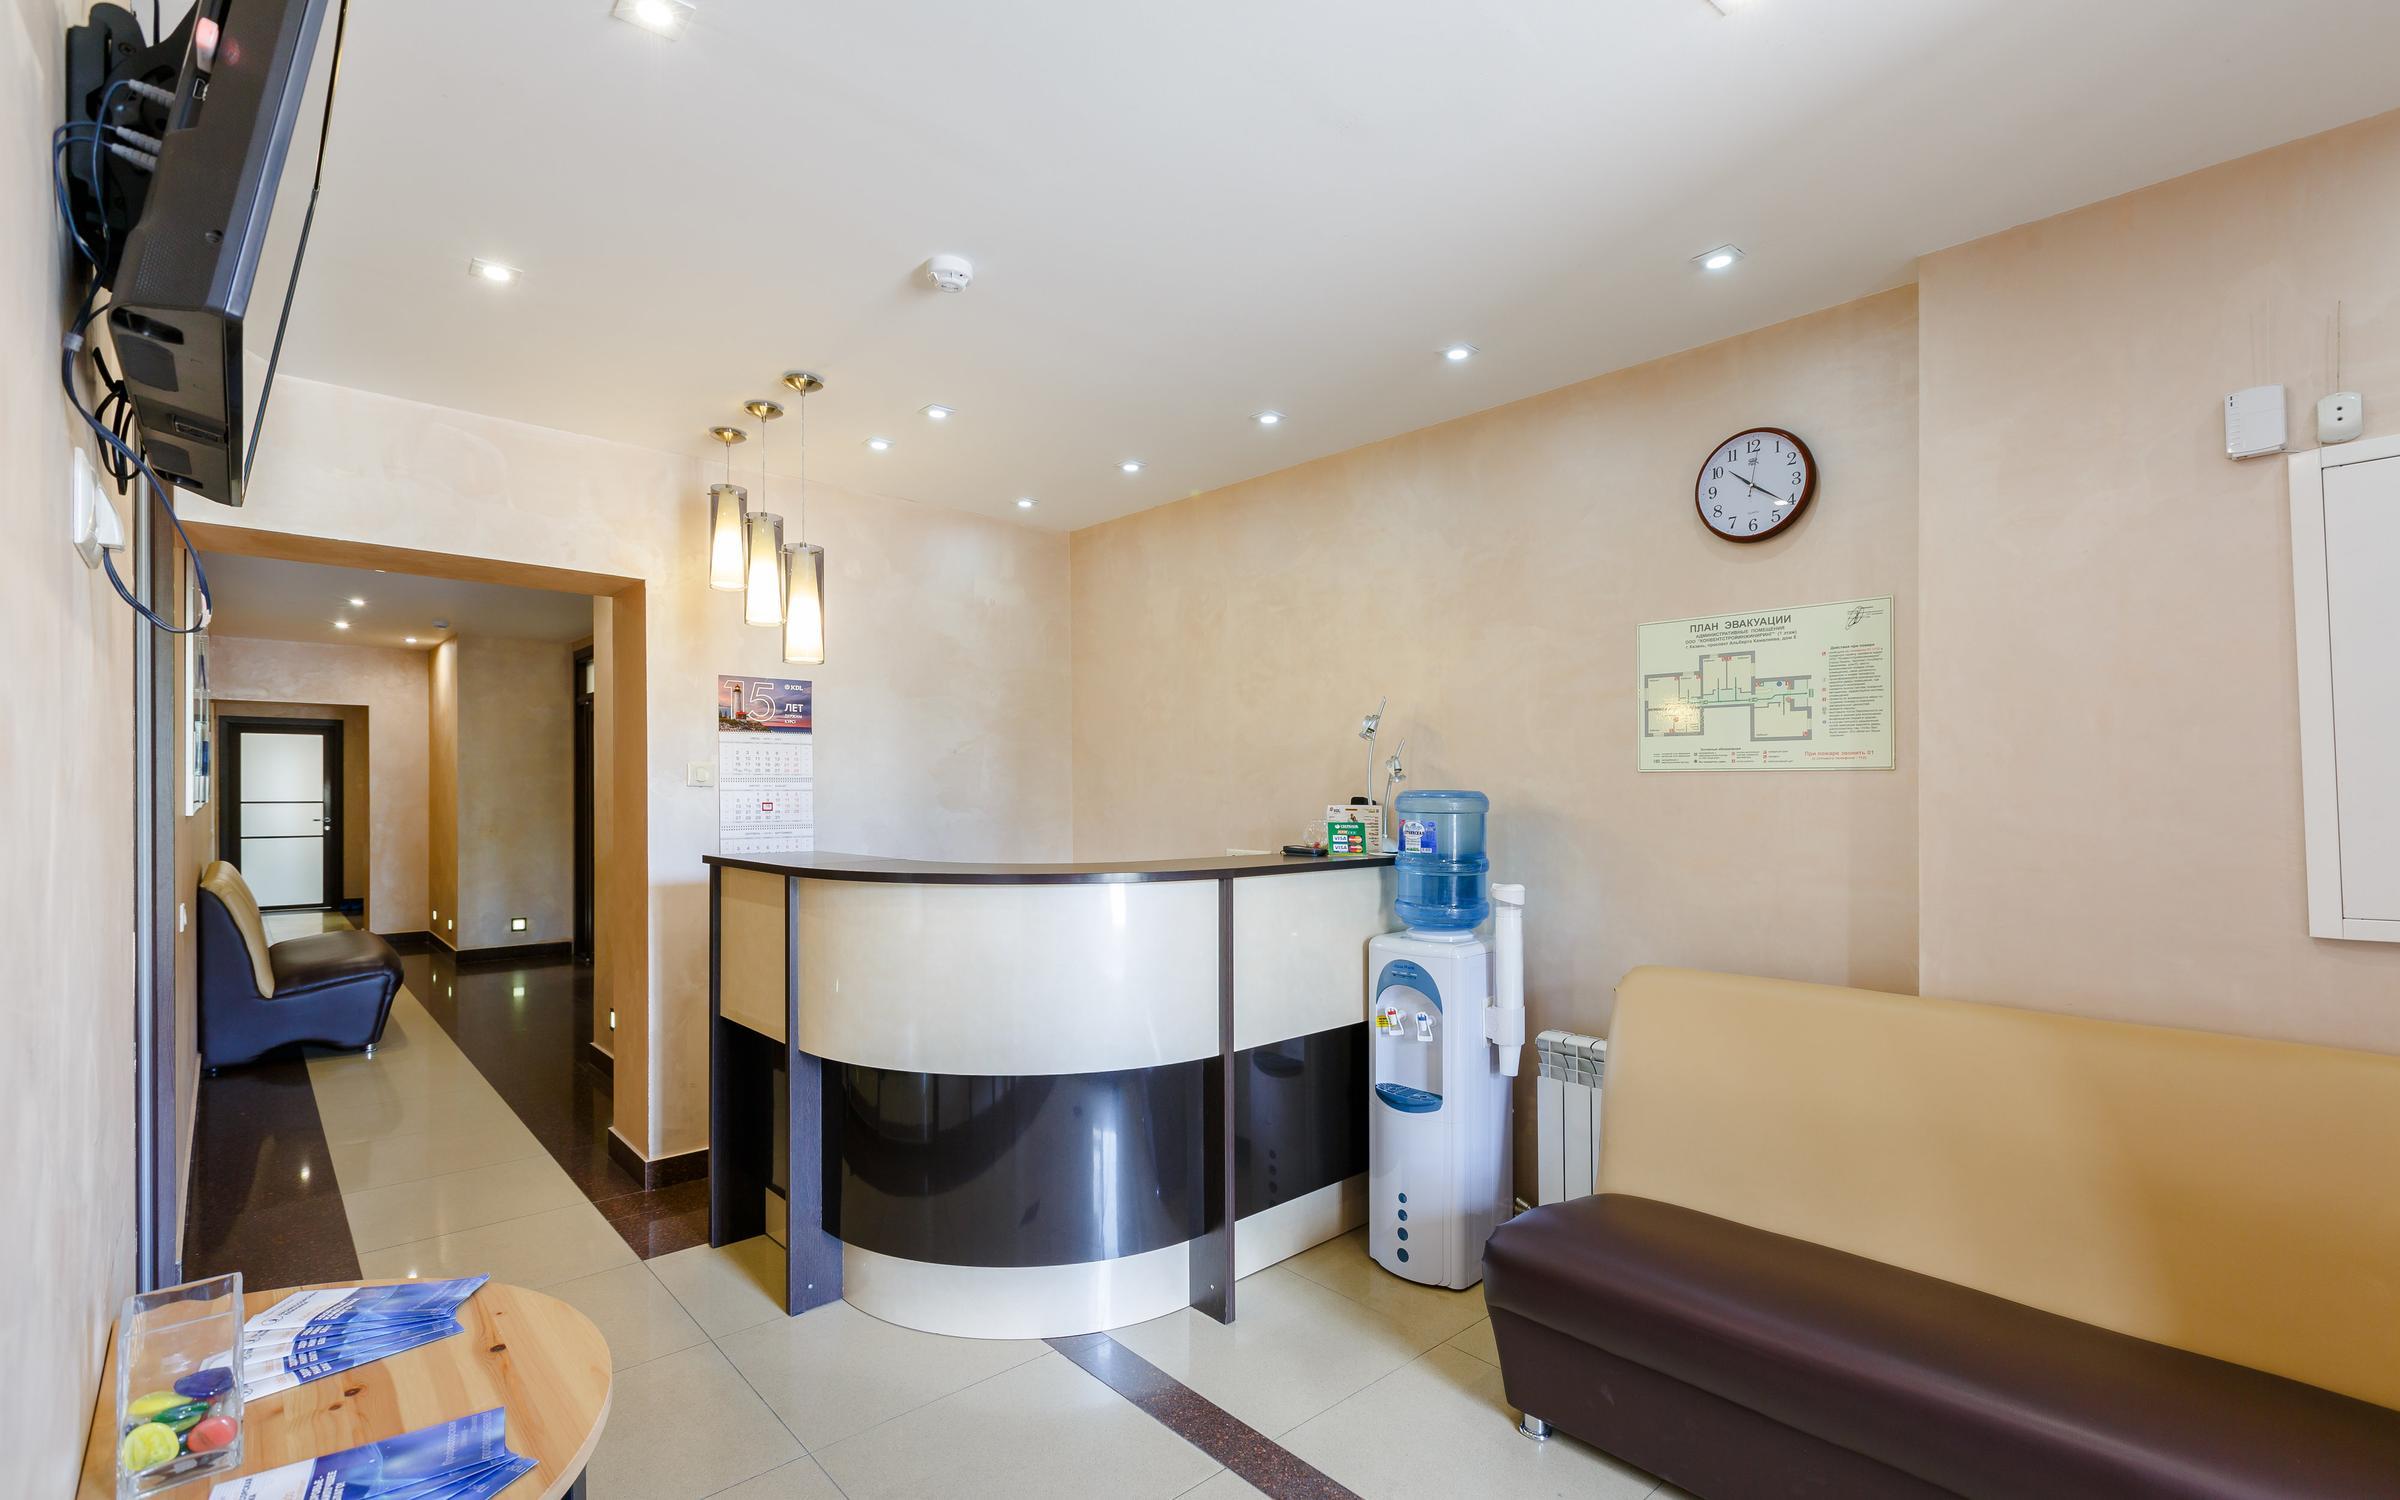 фотография Многопрофильного медицинского центра Профессорская клиника на метро Суконная Слобода